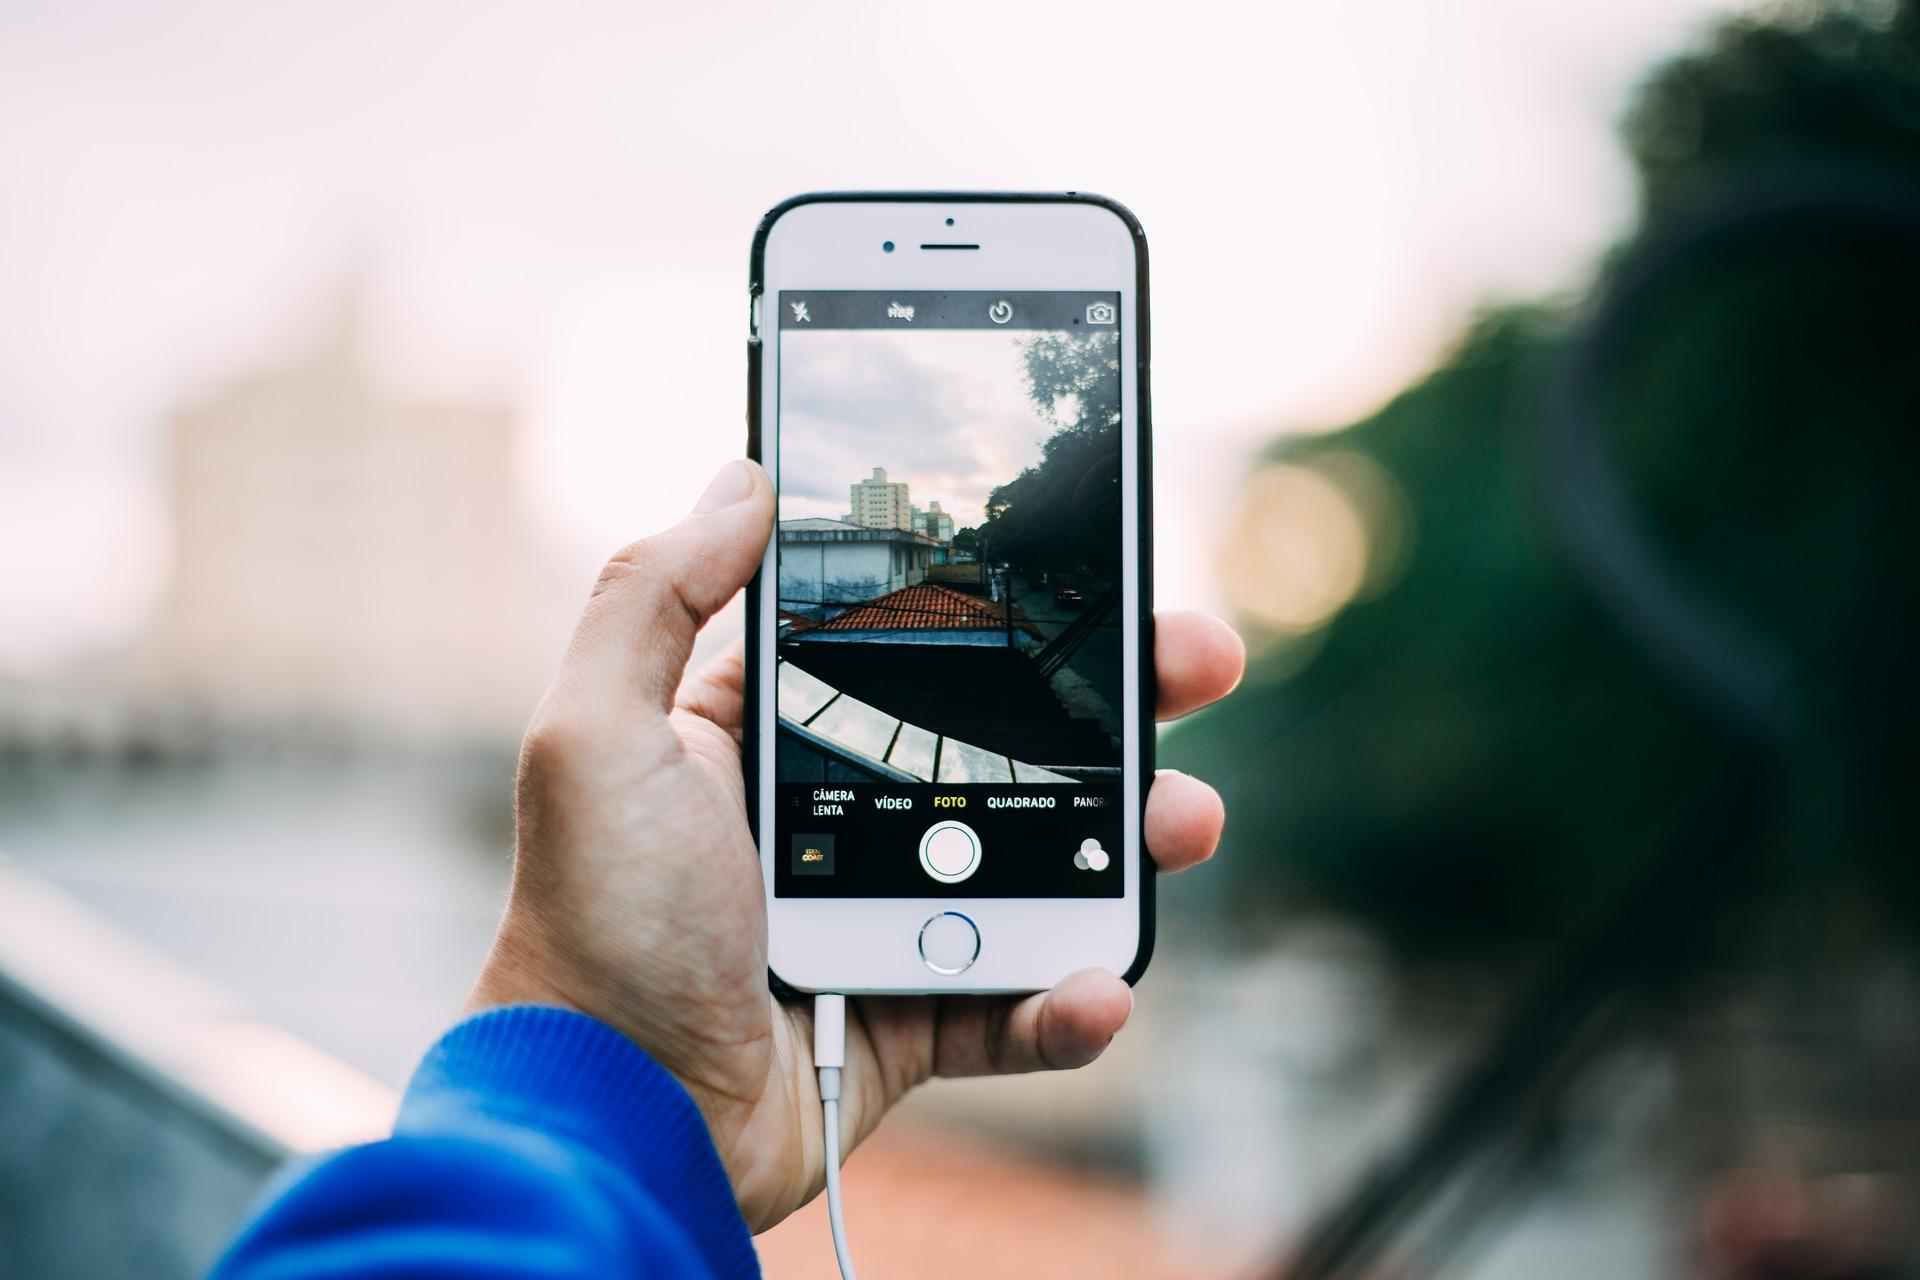 iphone-gdzie kupic tanio - ekantor pl blog finansowy